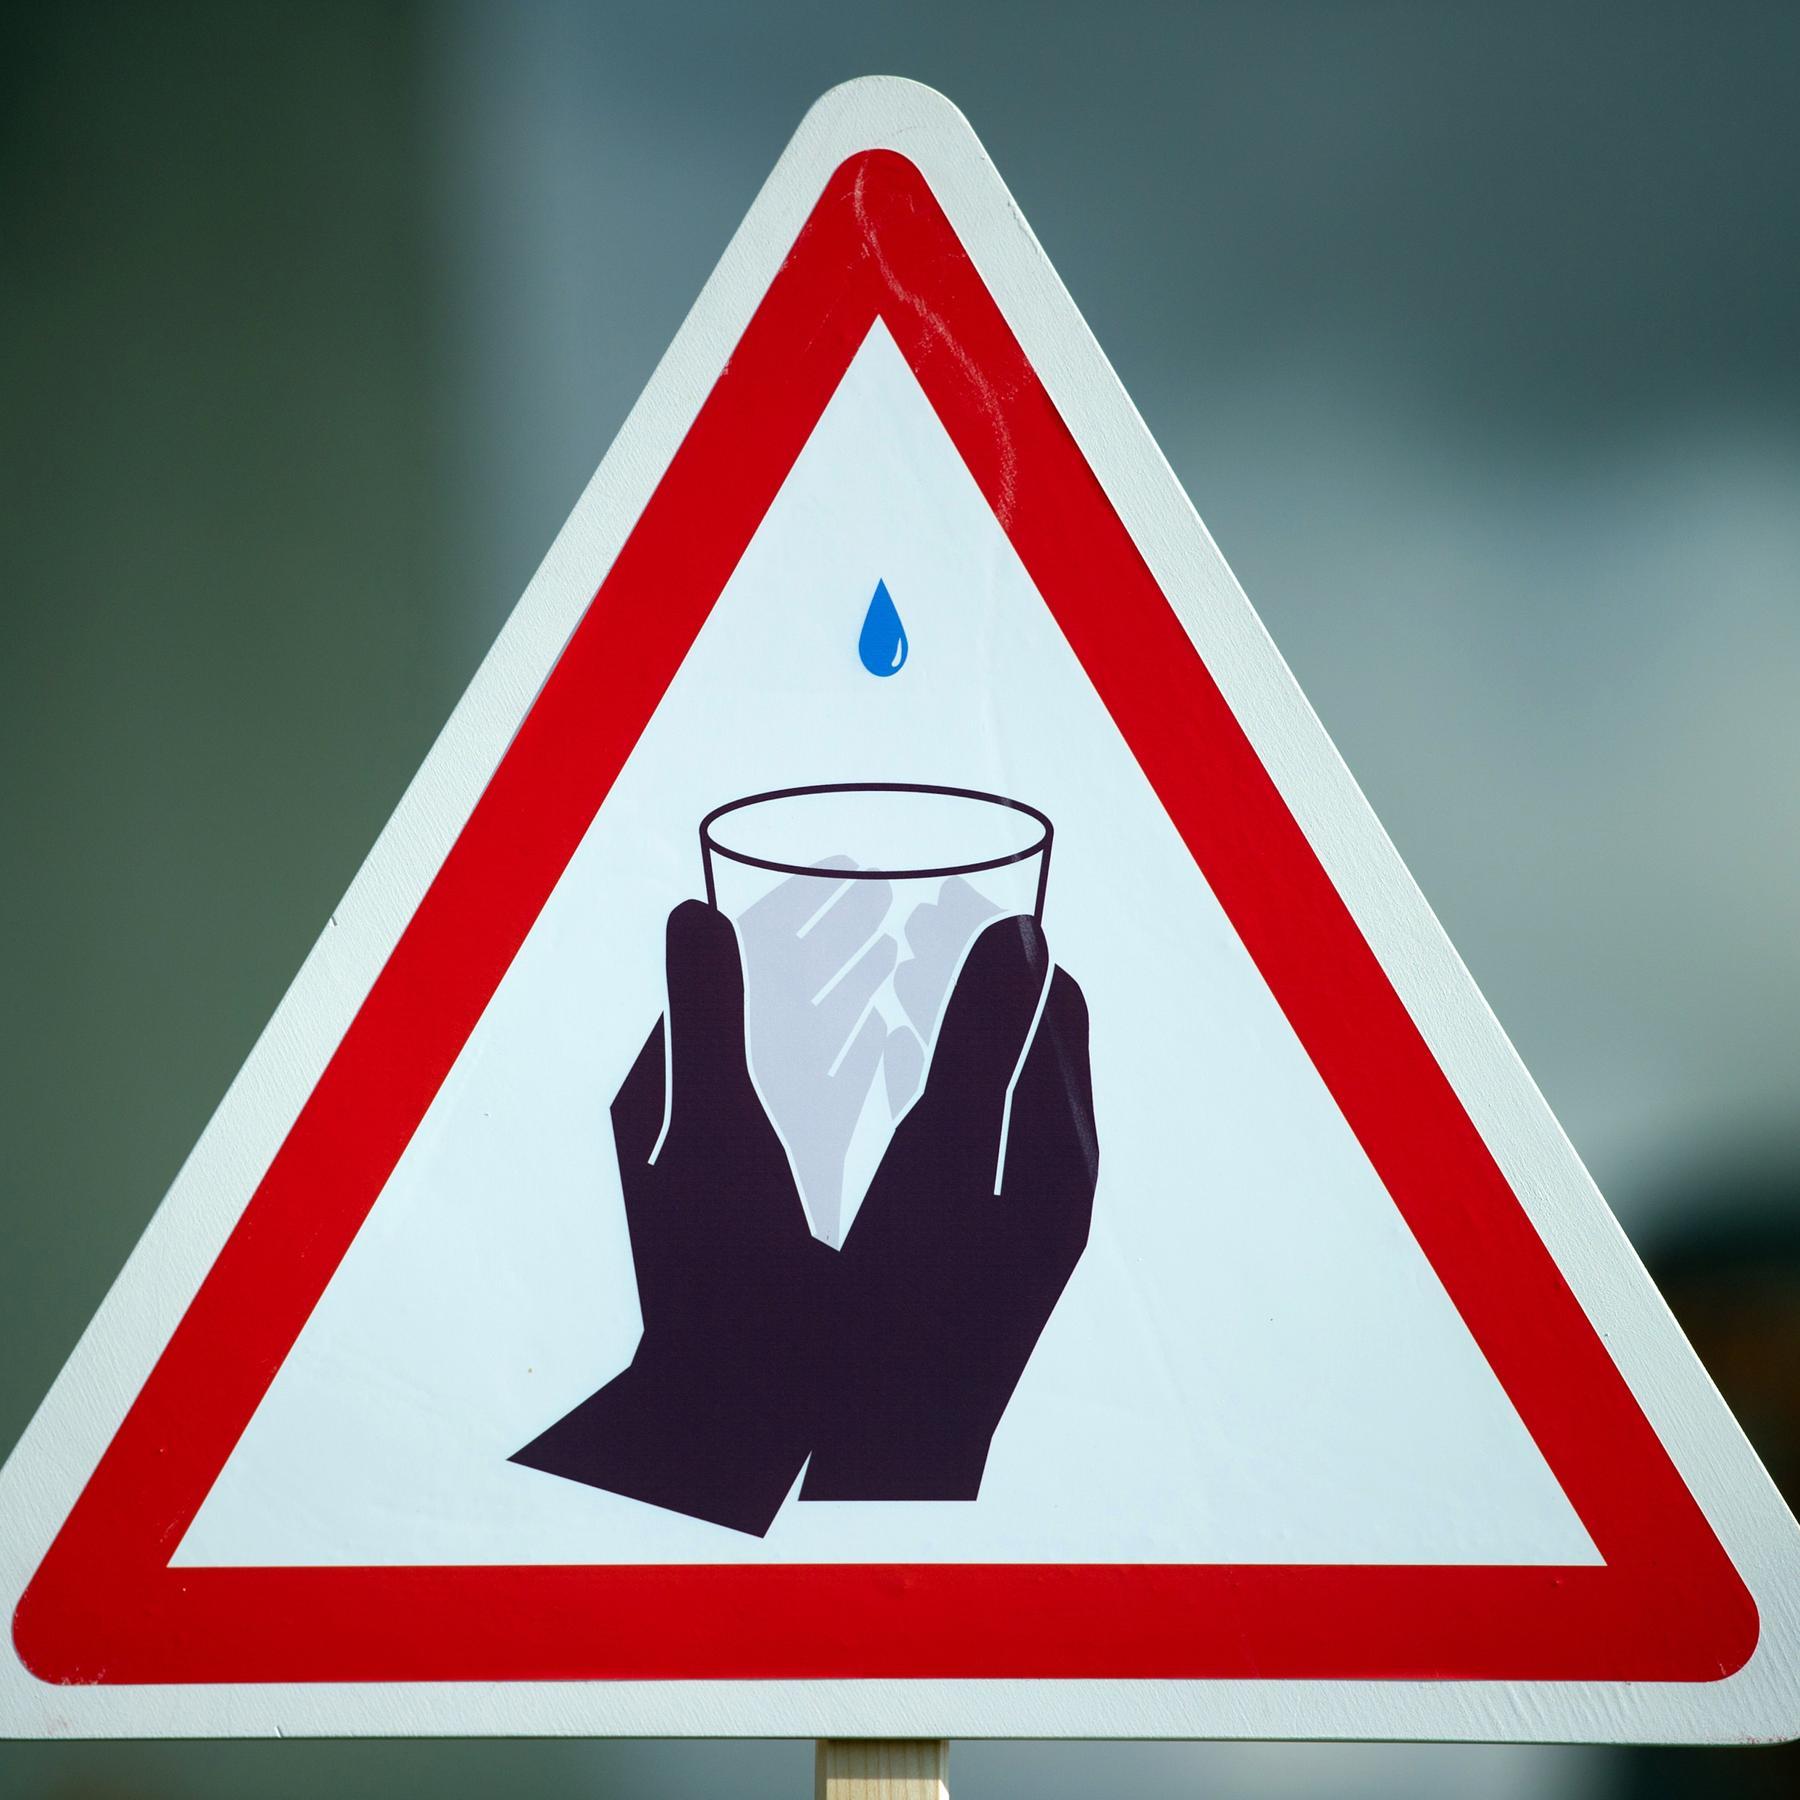 Wasserknappheit bei uns - Rauscht es bald nicht mehr?